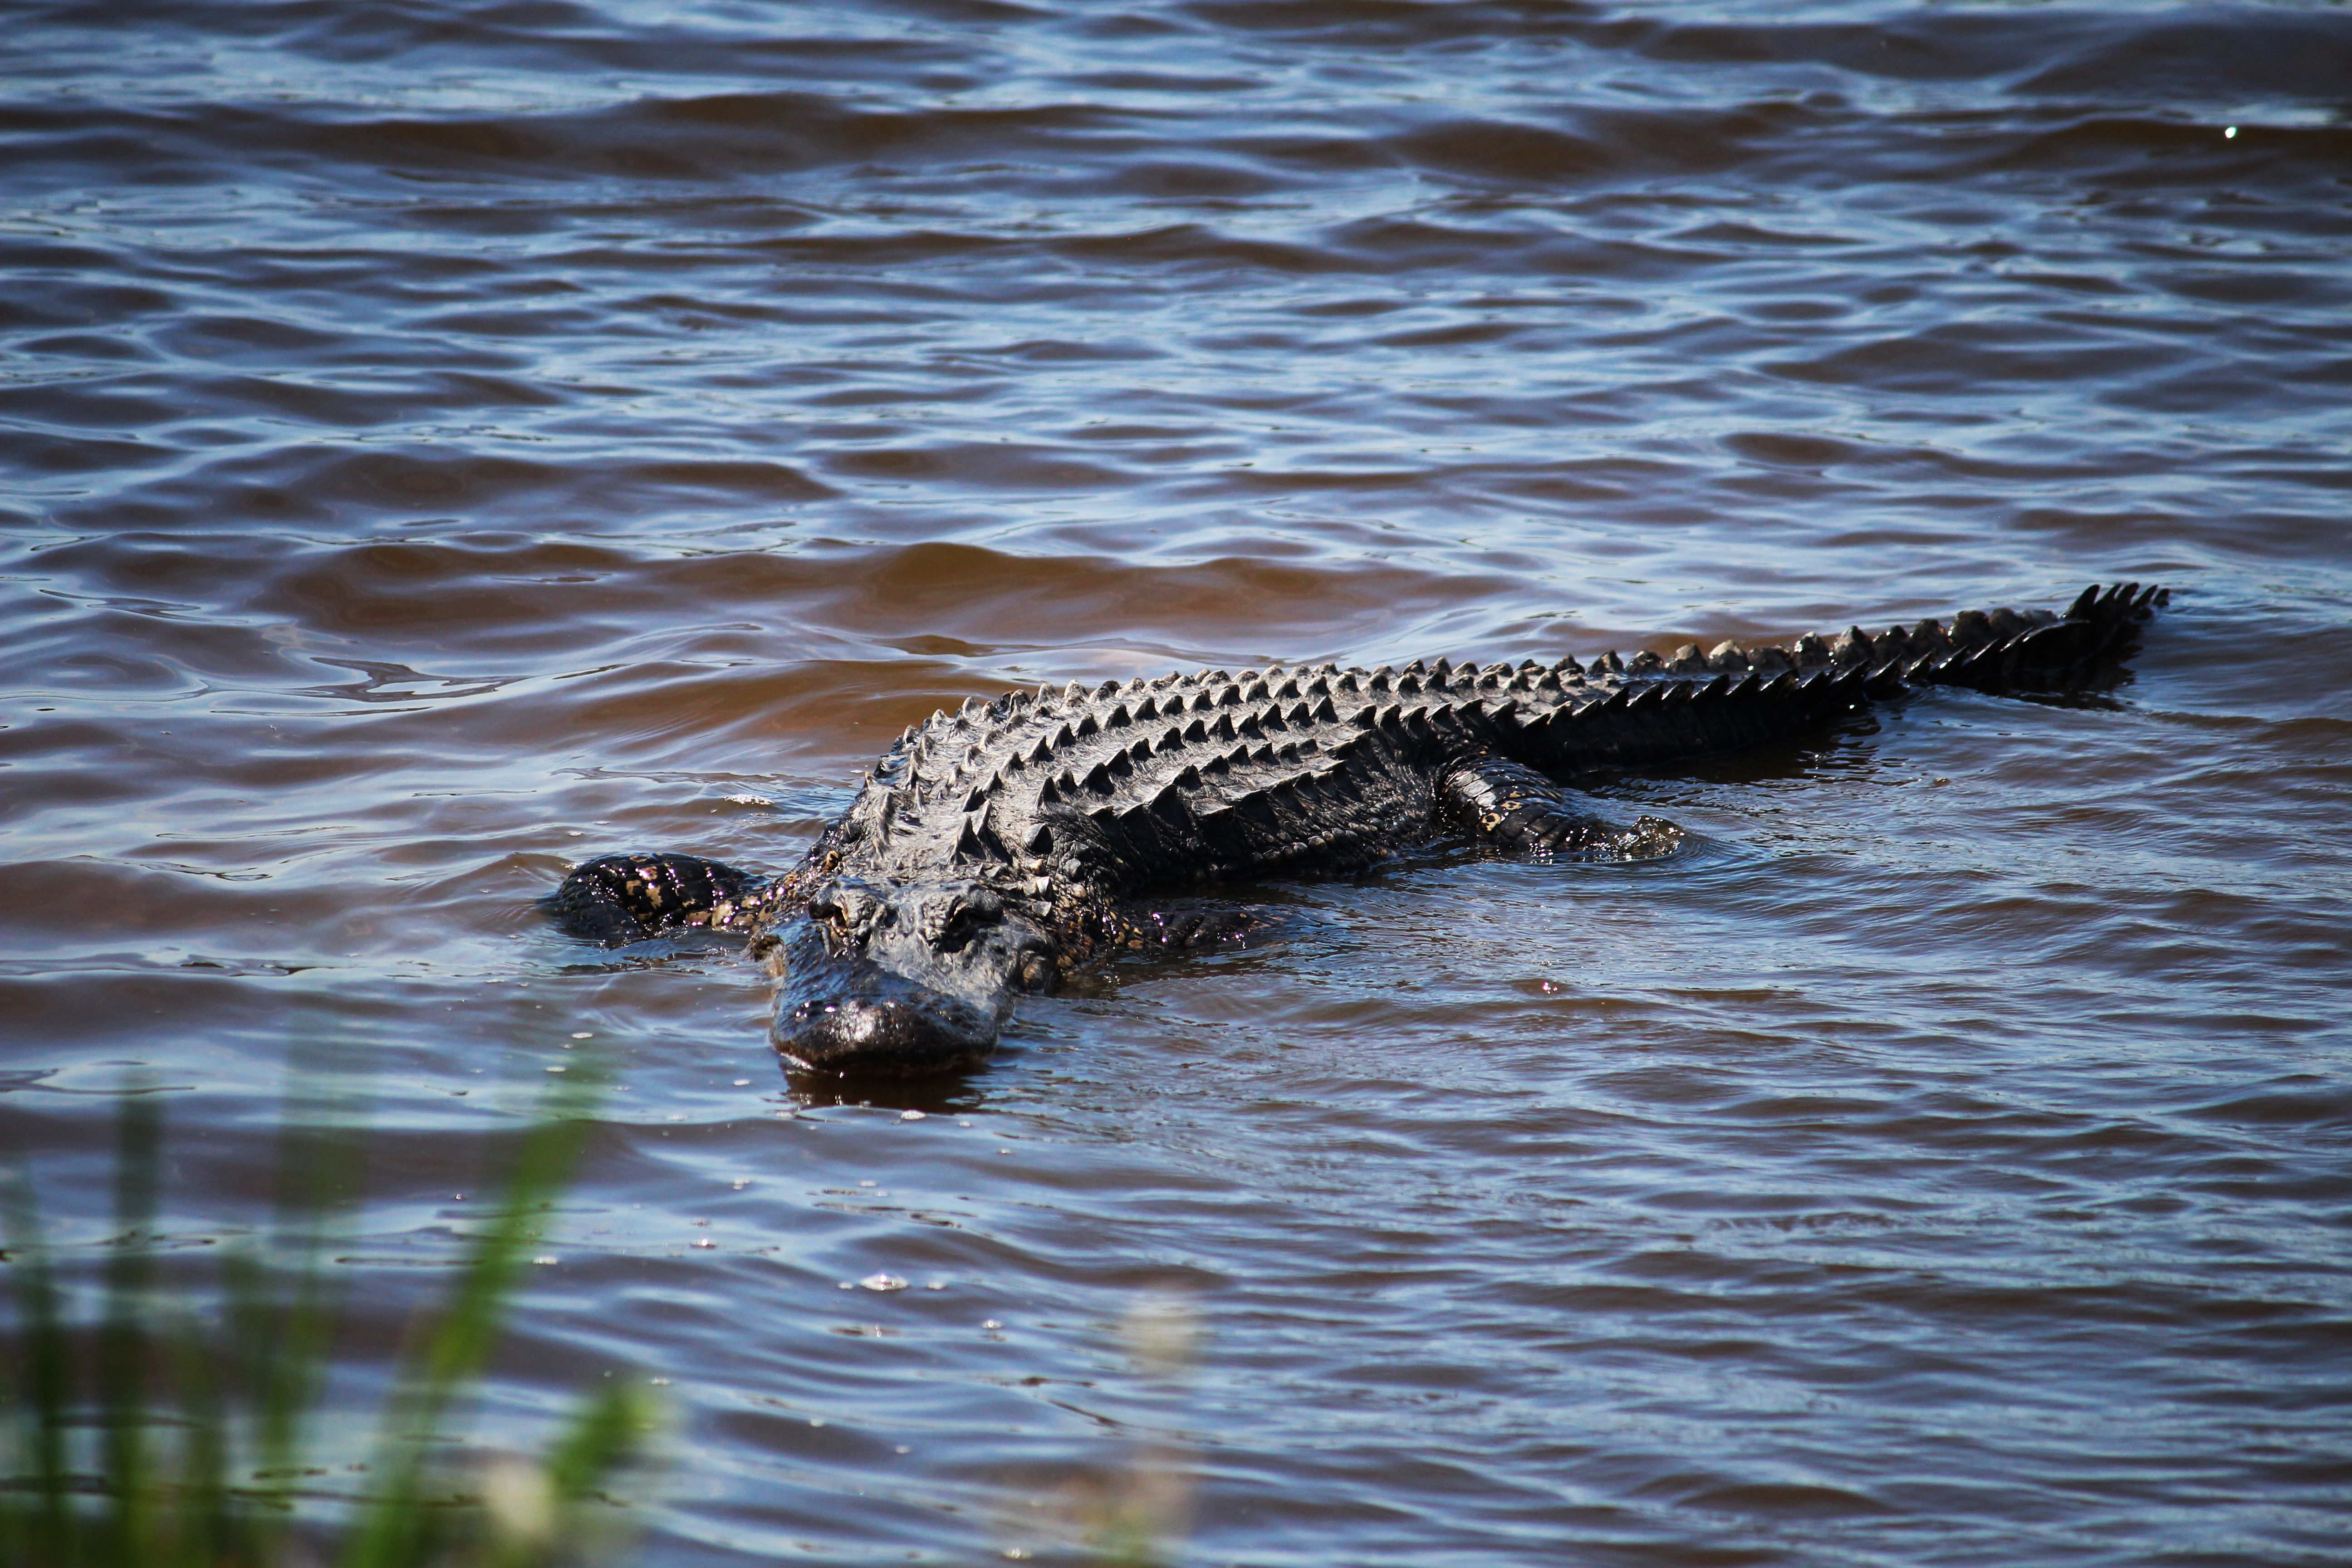 Donnelley Wildlife Management Area alligator